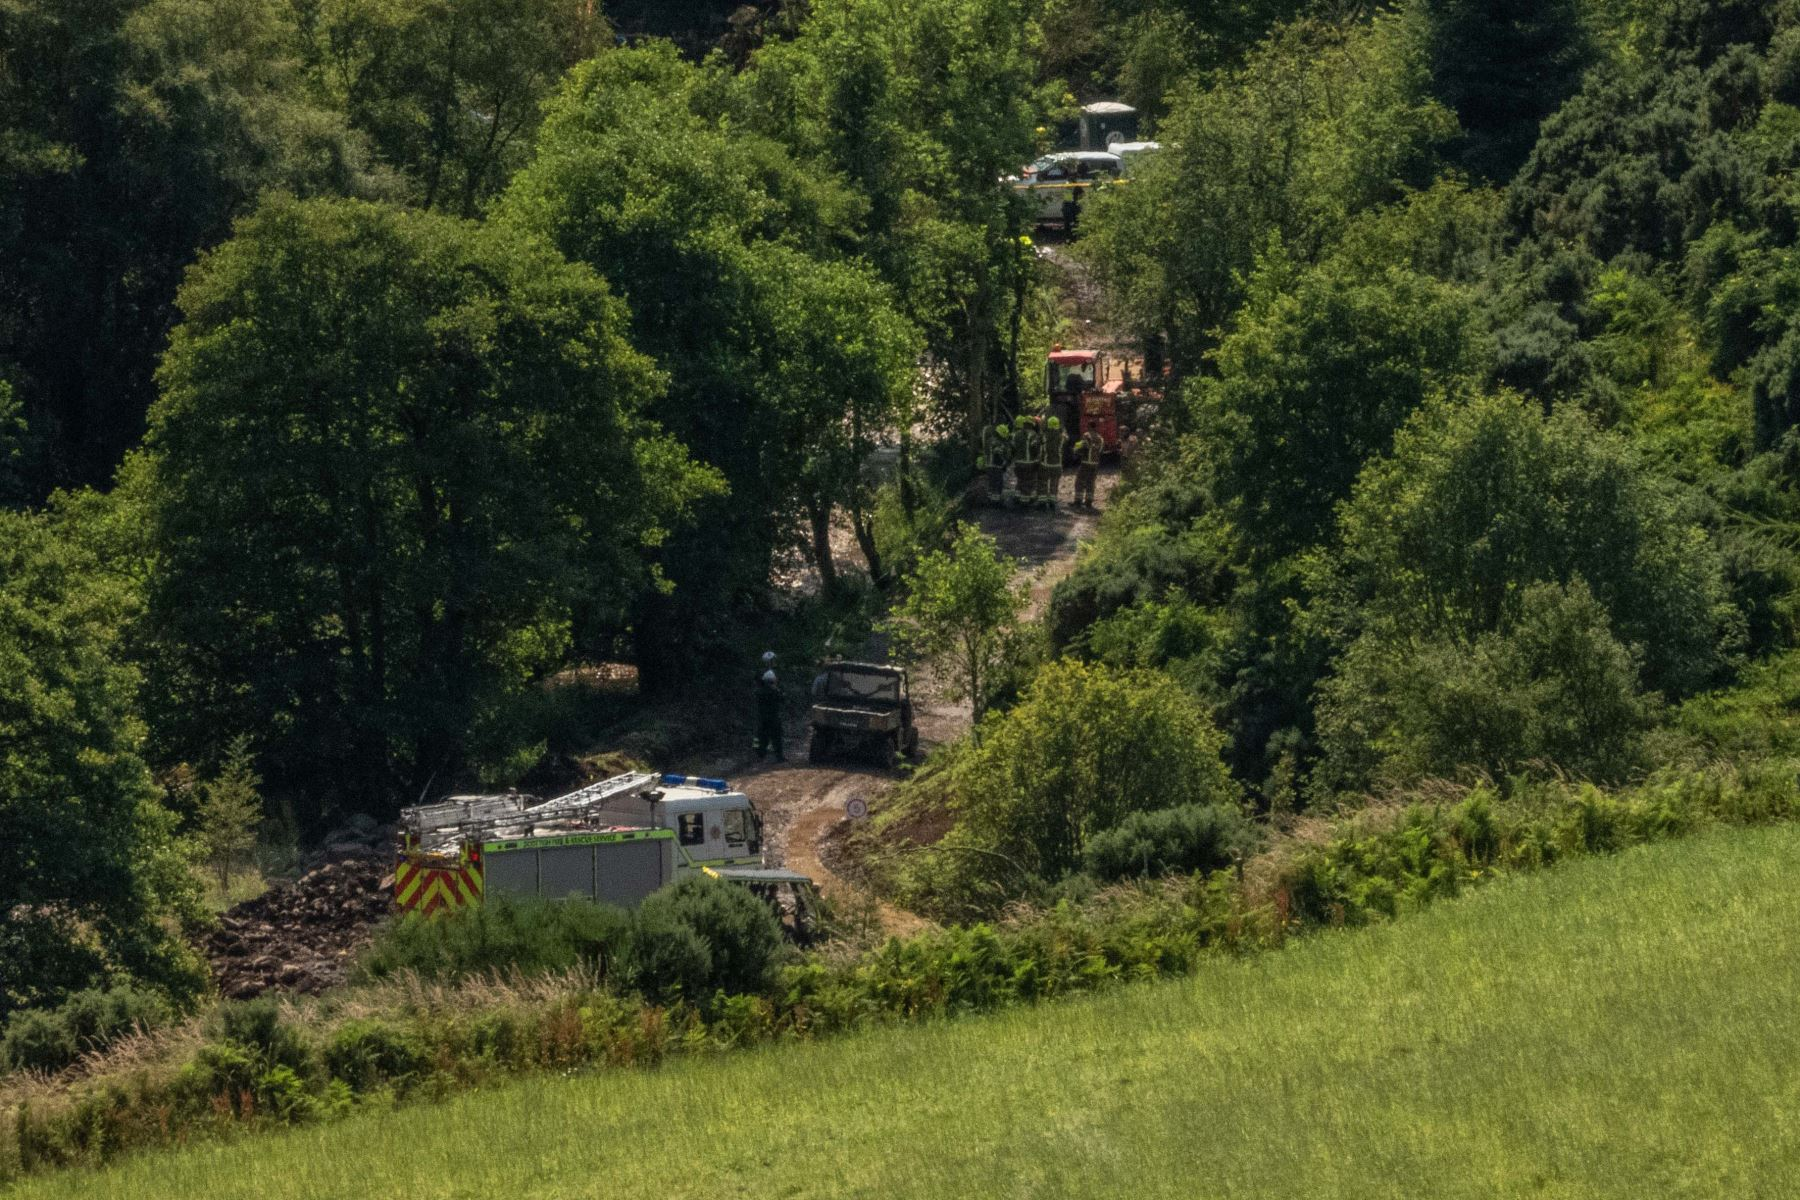 """Equipos de respuesta de emergencia están estacionados cerca de la escena de un accidente de tren en Stonehaven en el noreste de Escocia. Un tren de pasajeros descarriló en el noreste de Escocia el miércoles, con informes de """"lesiones graves"""" en lo que la primera ministra Nicola Sturgeon describió como """" un incidente gravísimo """"  Foto:AFP"""